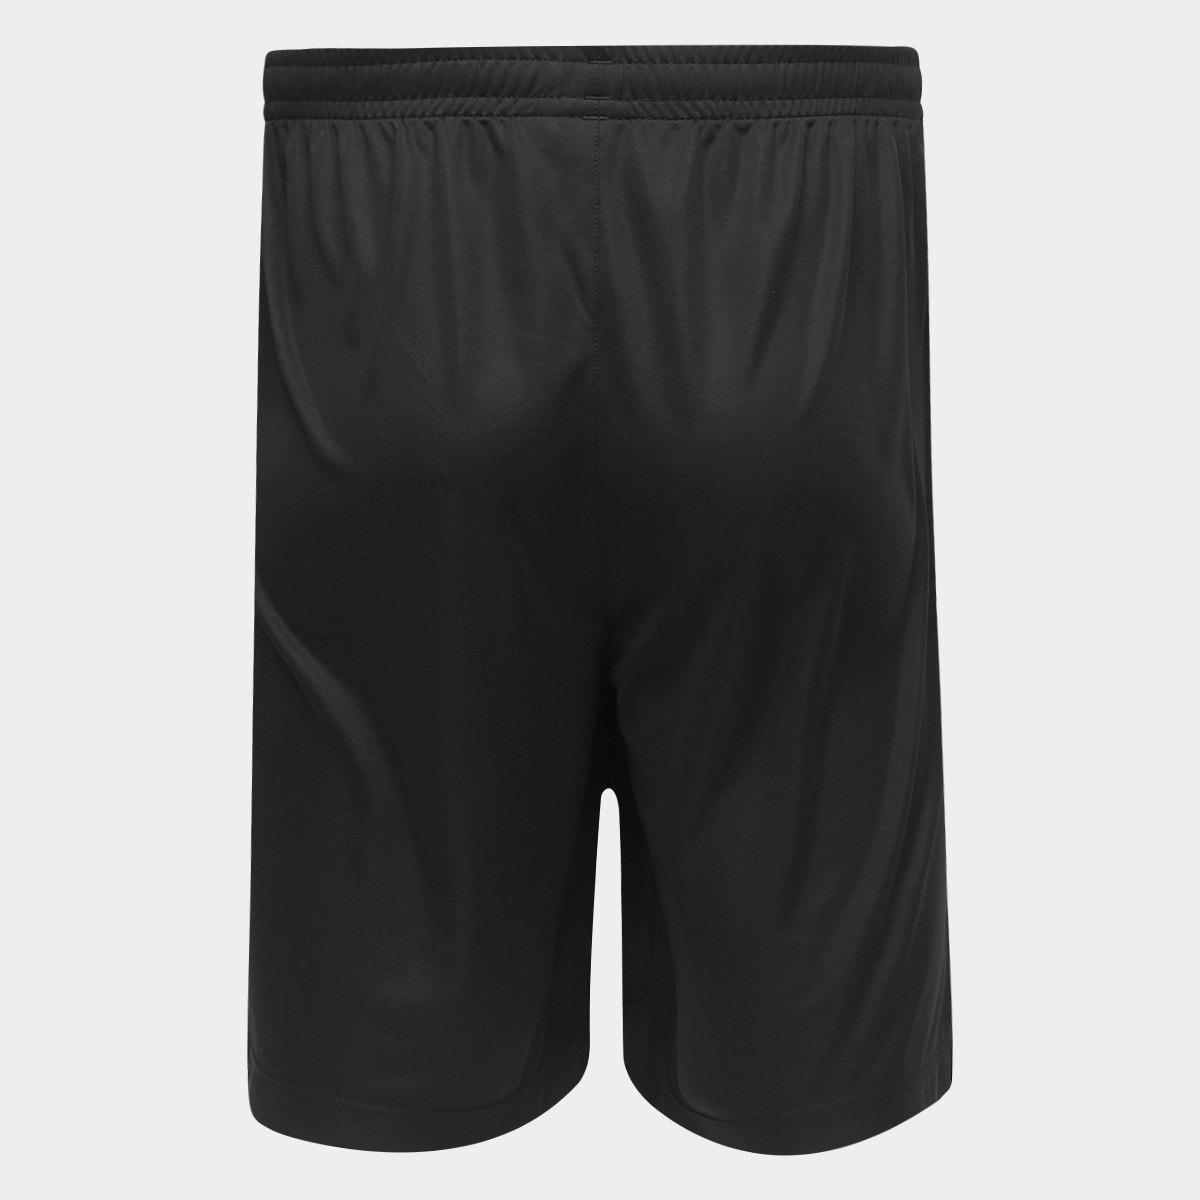 09ec6596916aa calção shorts topper botafogo i 2018 preto tam g. Carregando zoom.